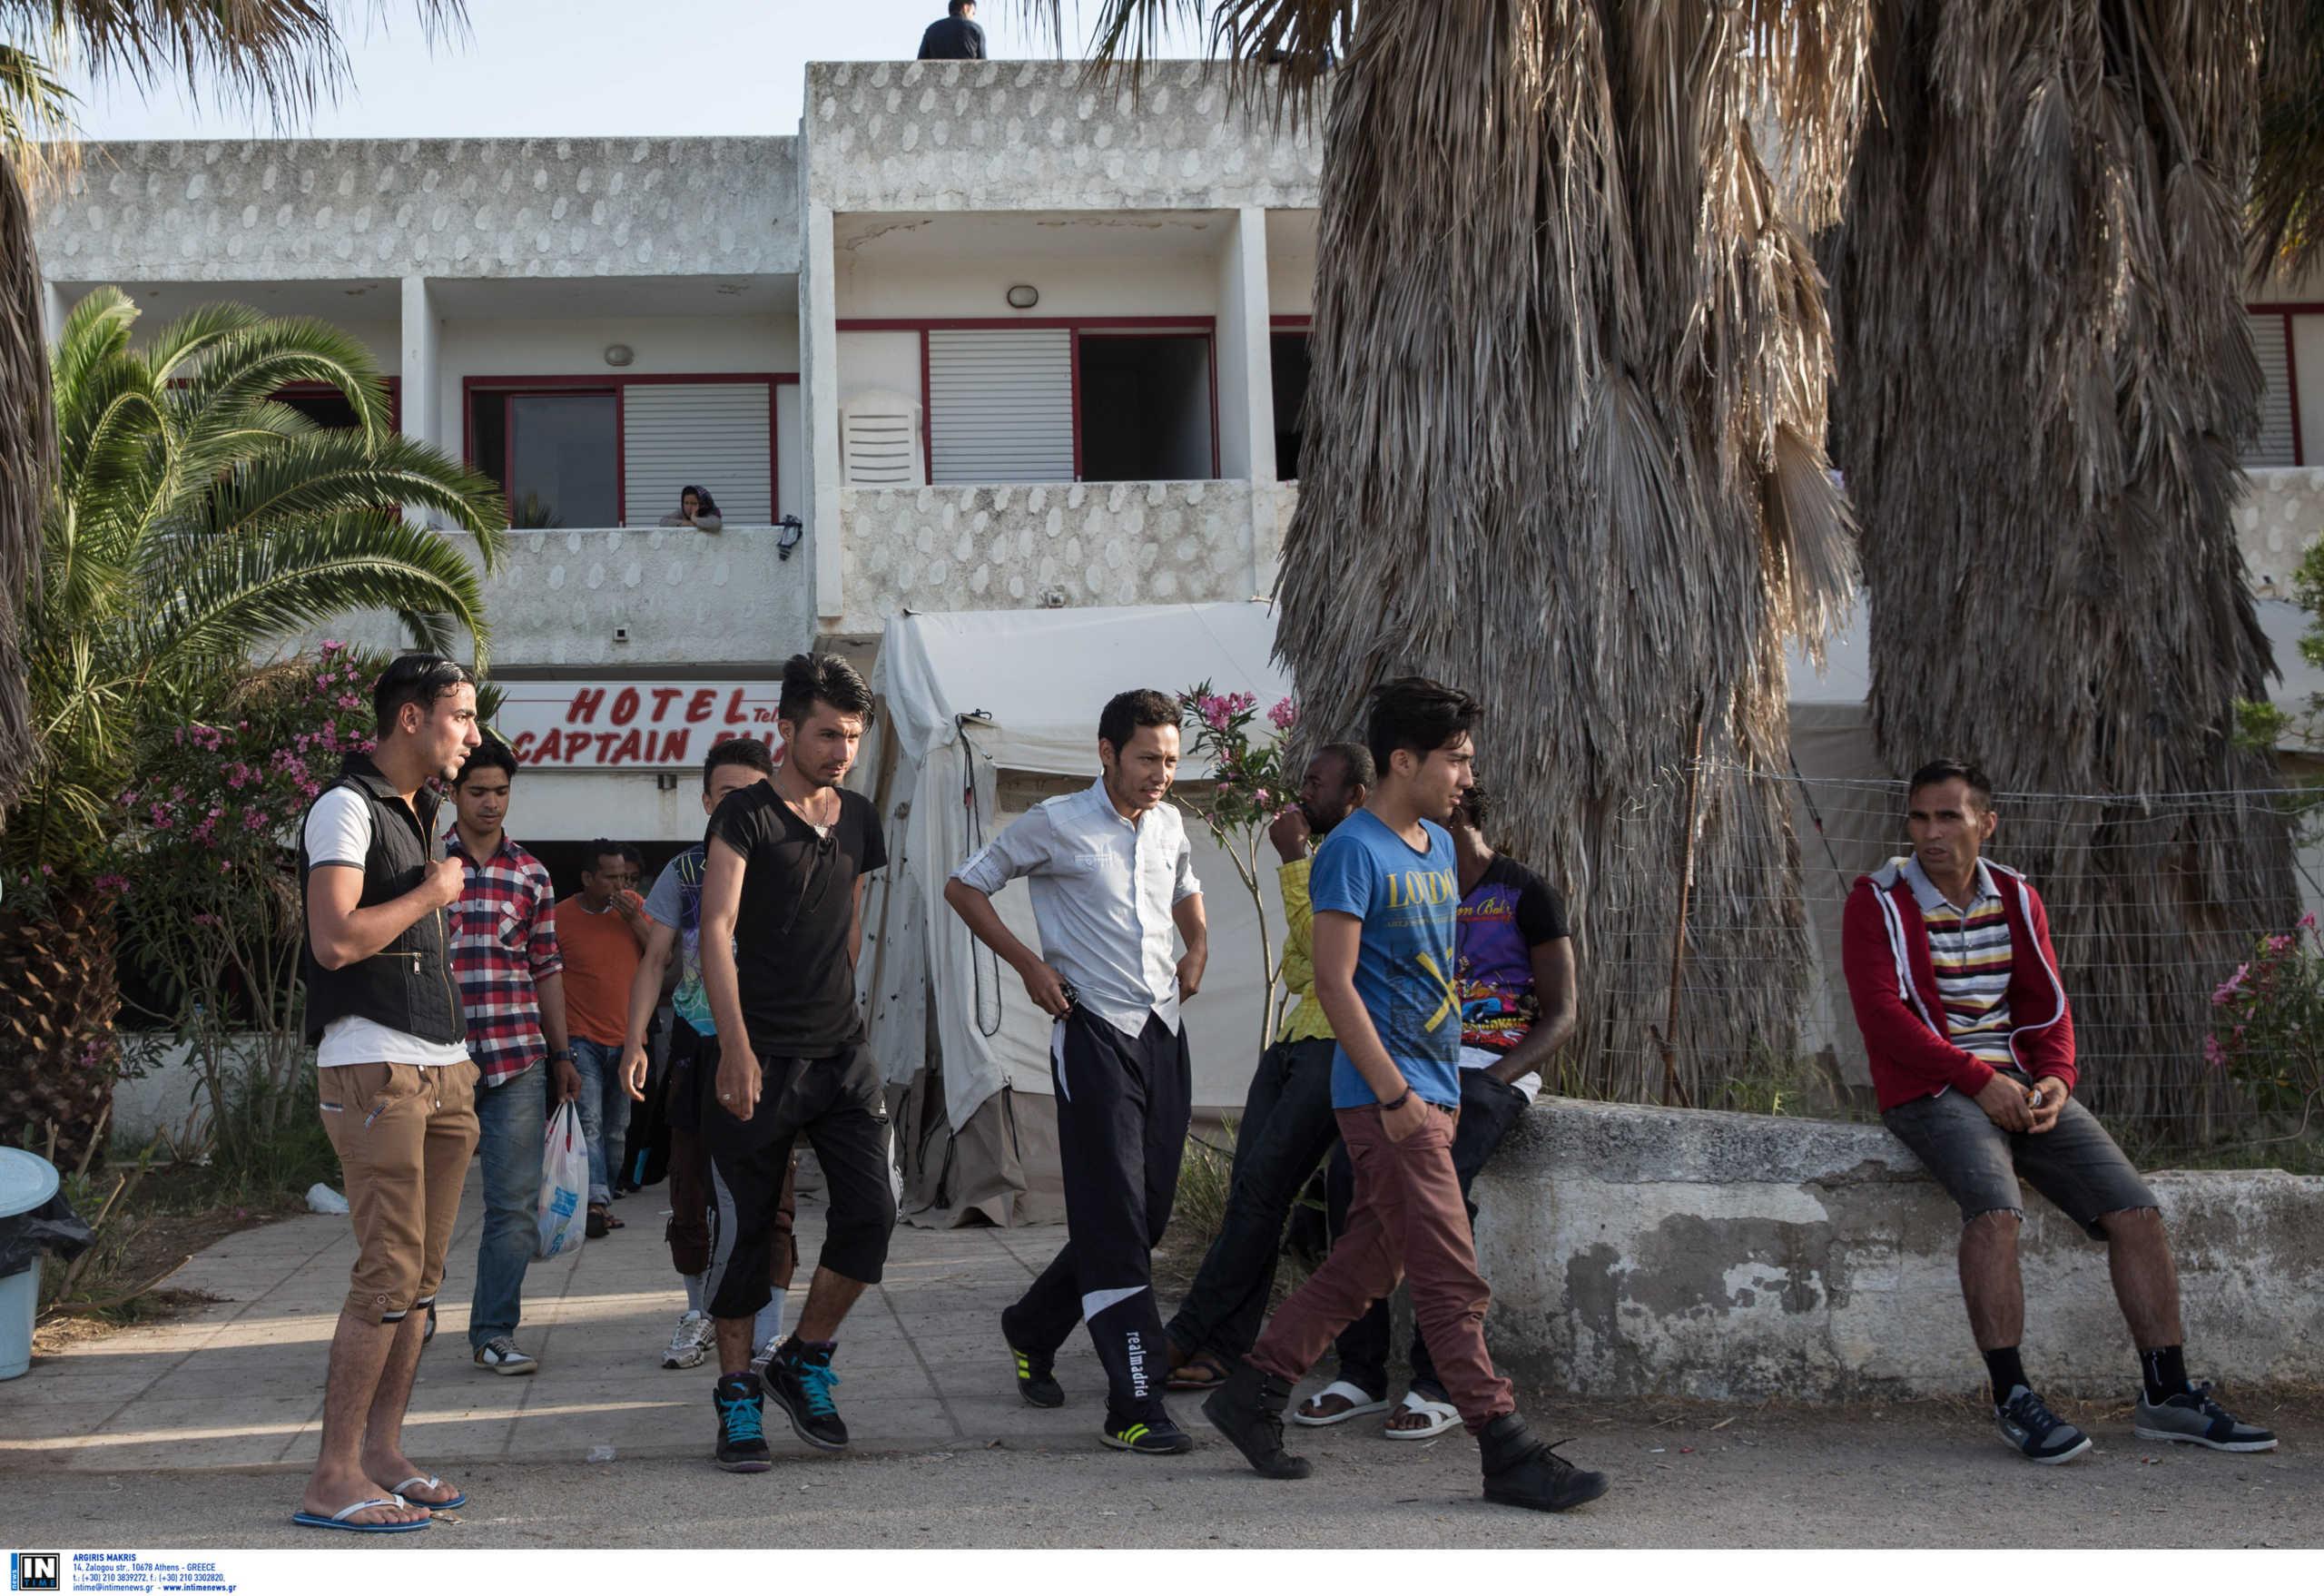 Έκλεισαν άλλες έξι ξενοδοχειακές δομές φιλοξενίας – Λουκέτο σε όλες ως το τέλος του έτους